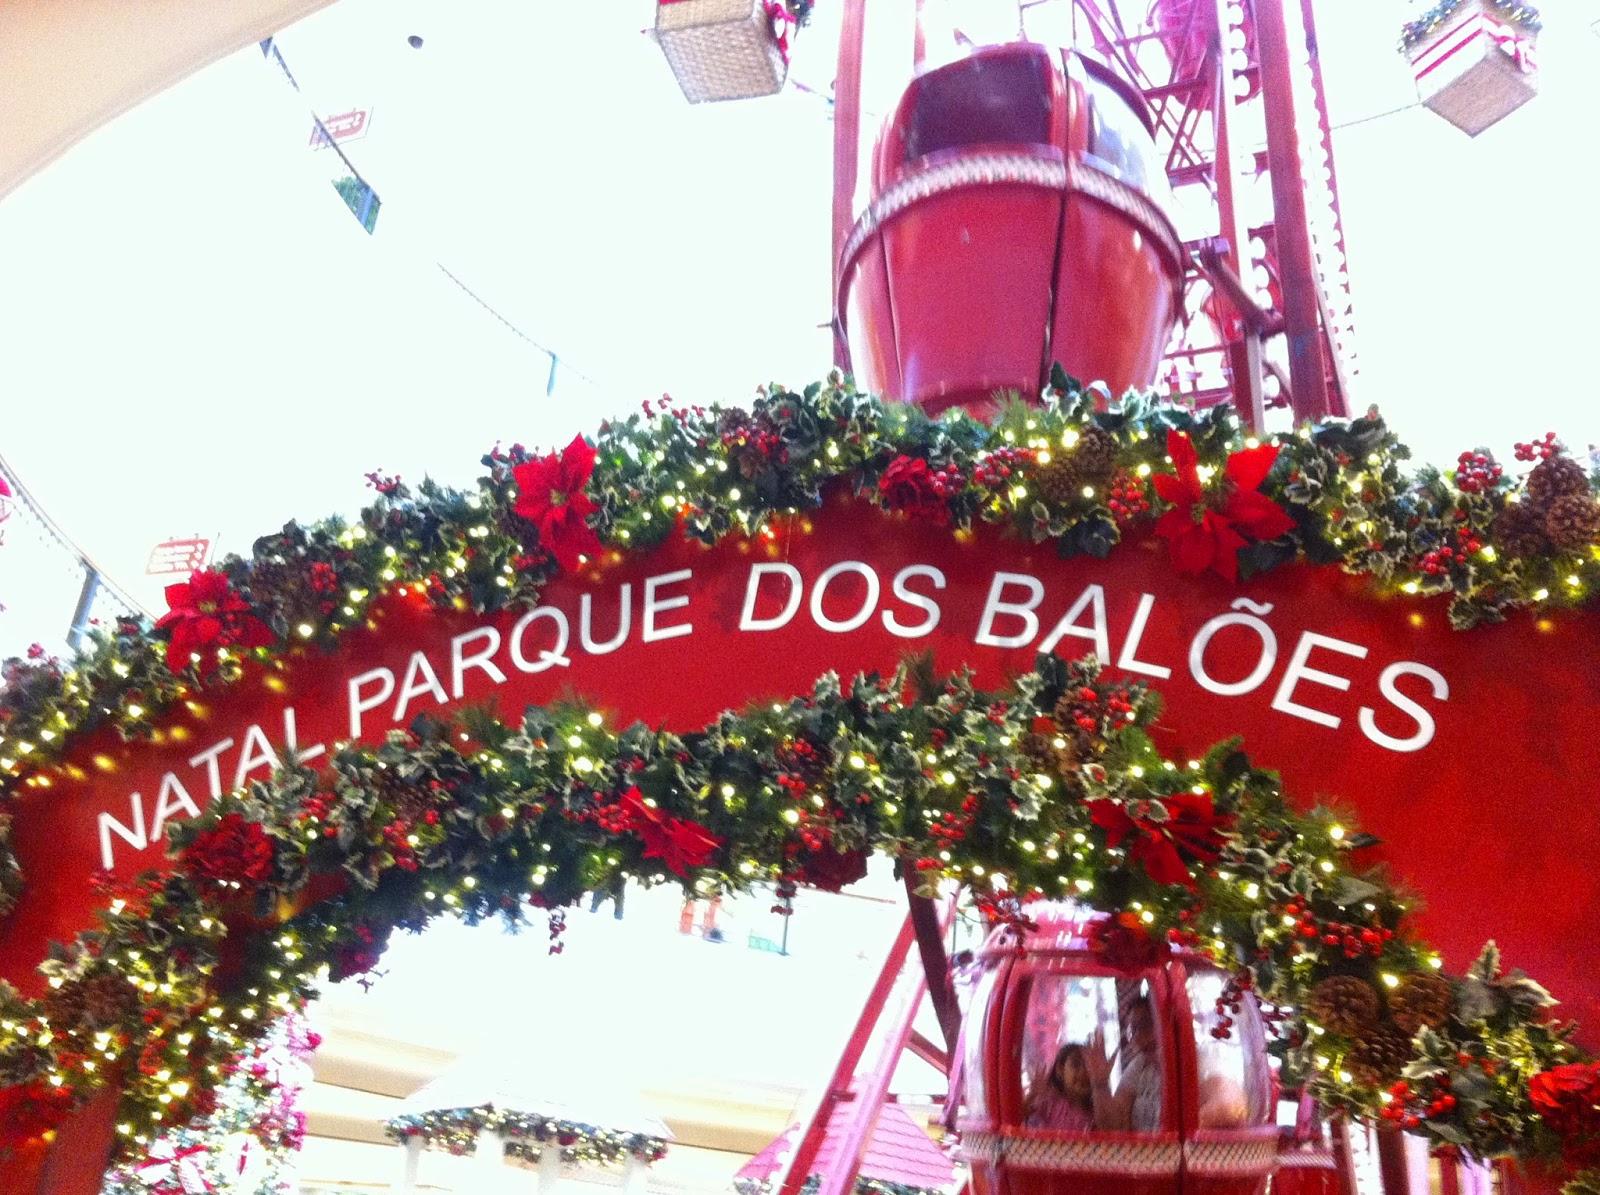 Descrição da Foto: Um arco vermelho escrito em branco NATAL PARQUE DOS BALÕES, COM folhas e flores vermelhas em volta. No fundo cabines da roda-gigante.